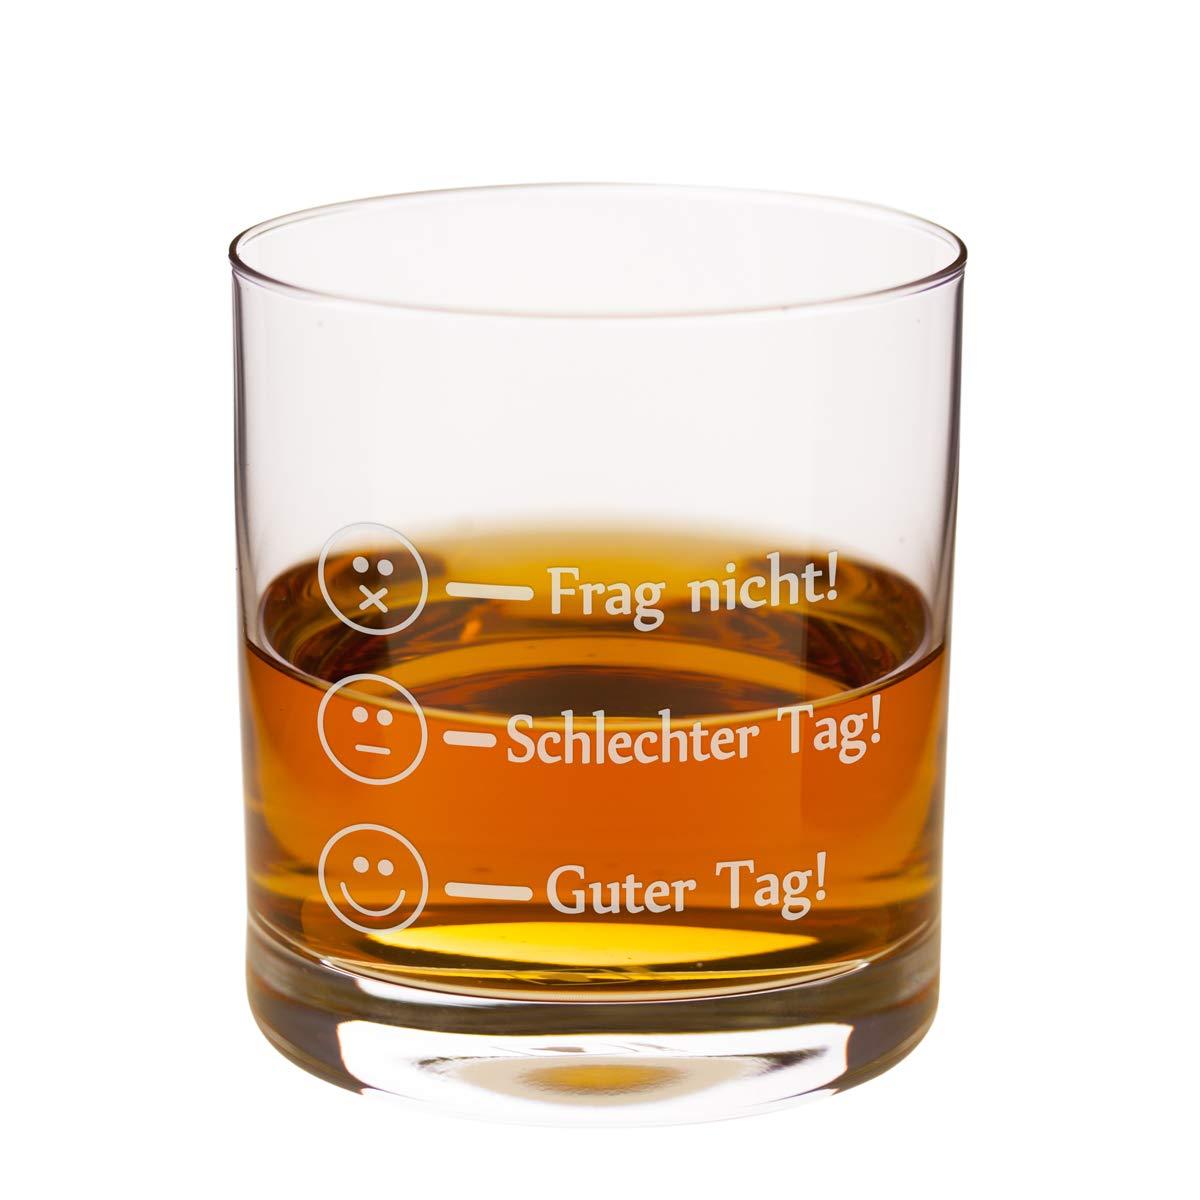 Leonardo Whiskyglas - Frag Nicht - Guter Tag Lustiges Whisky Glas - Whiskey Rum Markenglas mit Smiley Gravur je nach Stimmung für Vatertag, Papa Sohn Geschenk Bild